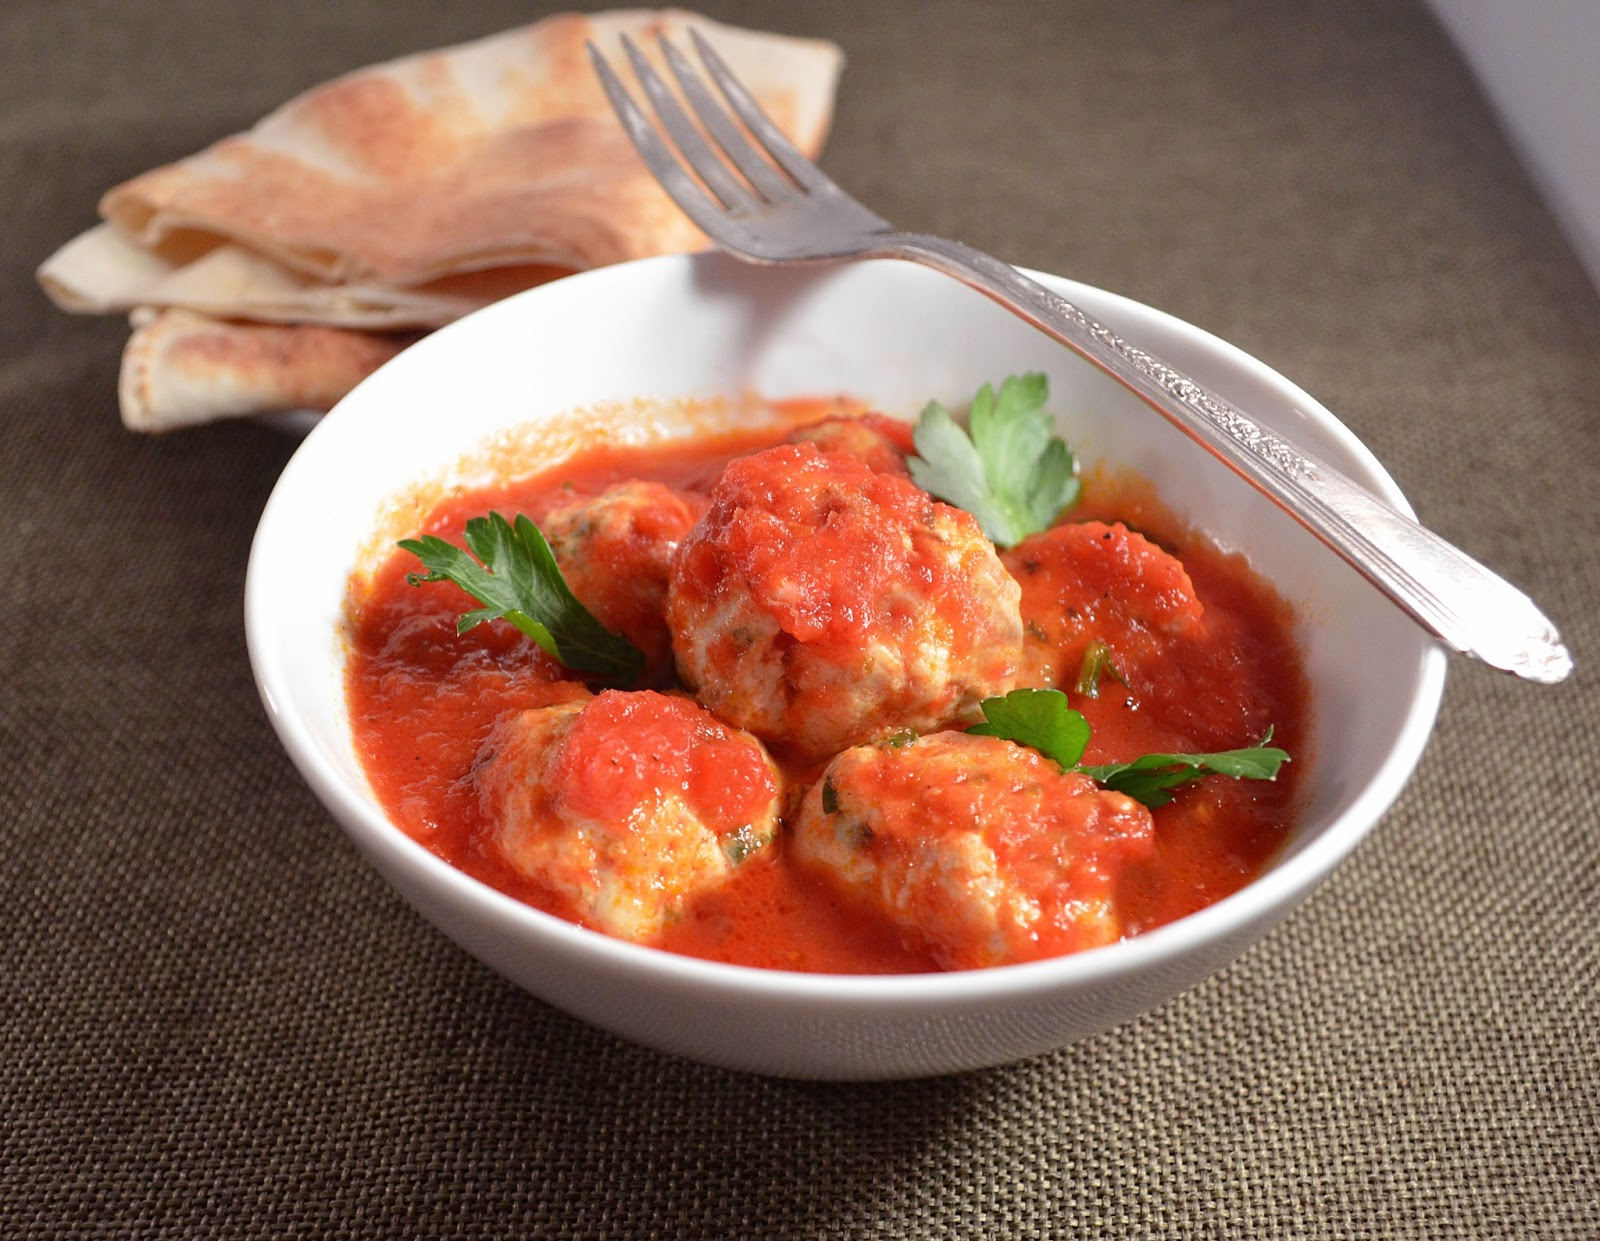 tomato sauce in fragrant tomato sauce meatballs in tomato sauce in ...